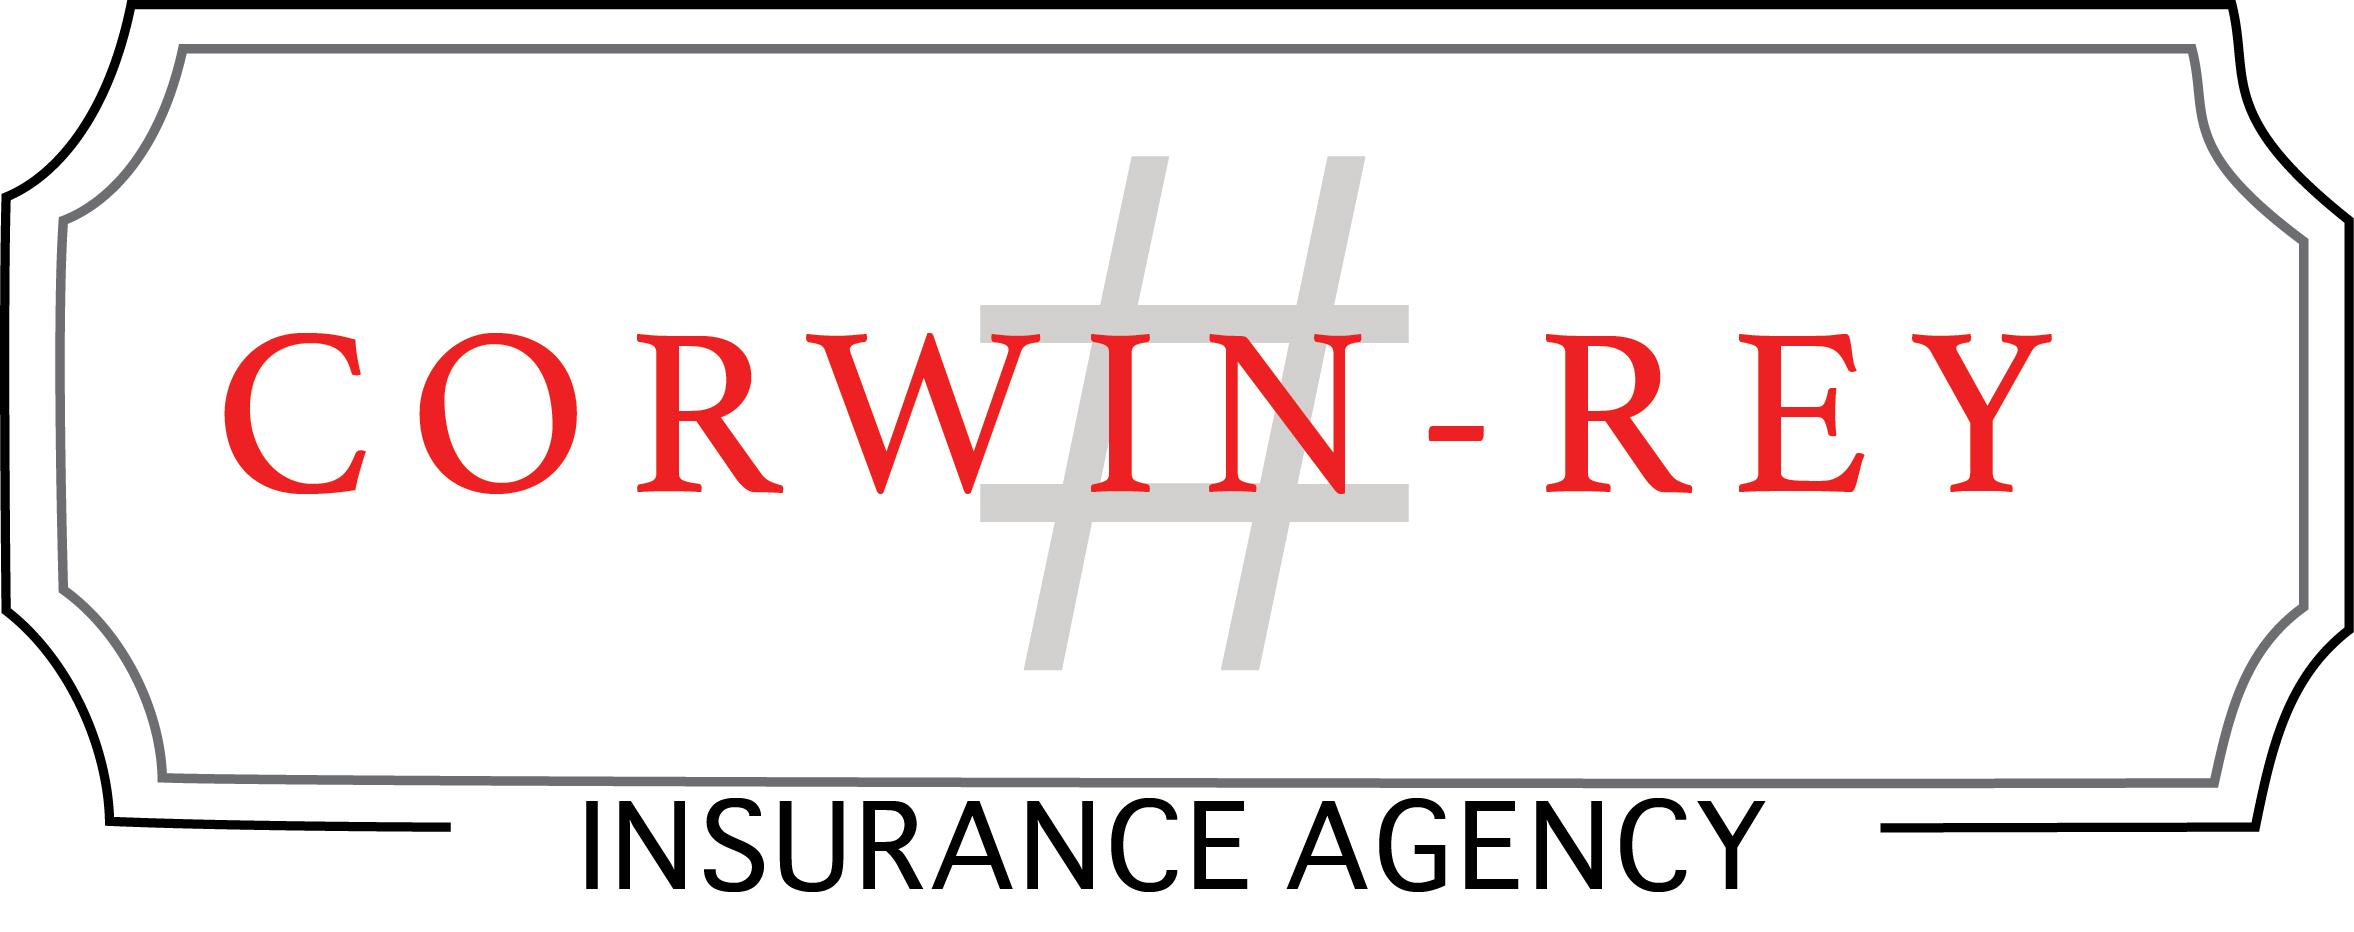 Corwin-Rey Insurance Agency